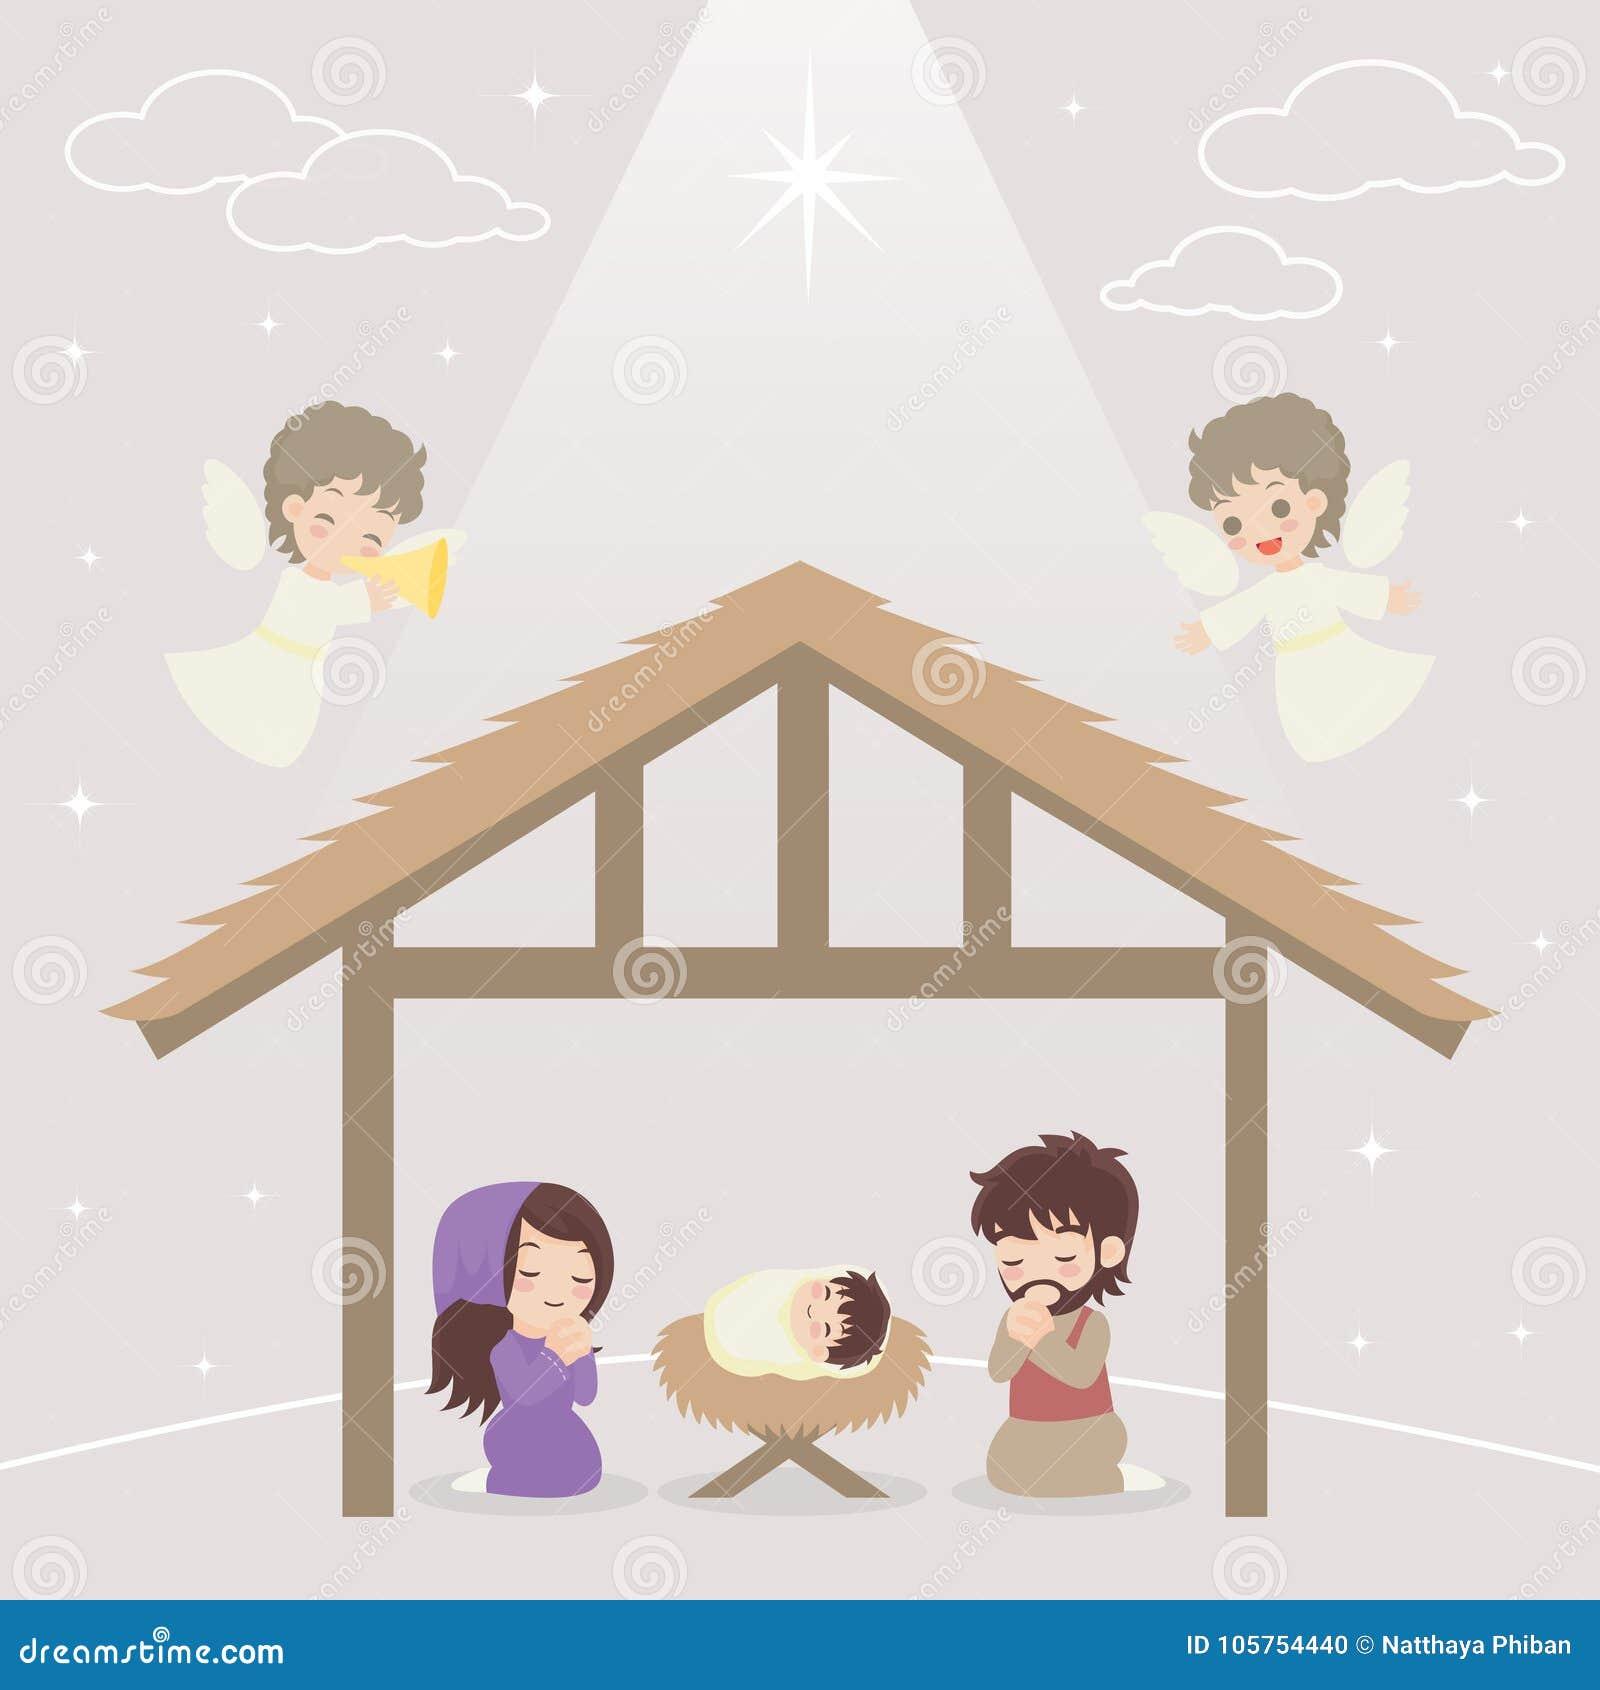 Jesus Story stock vector. Illustration of manger, church - 105754440